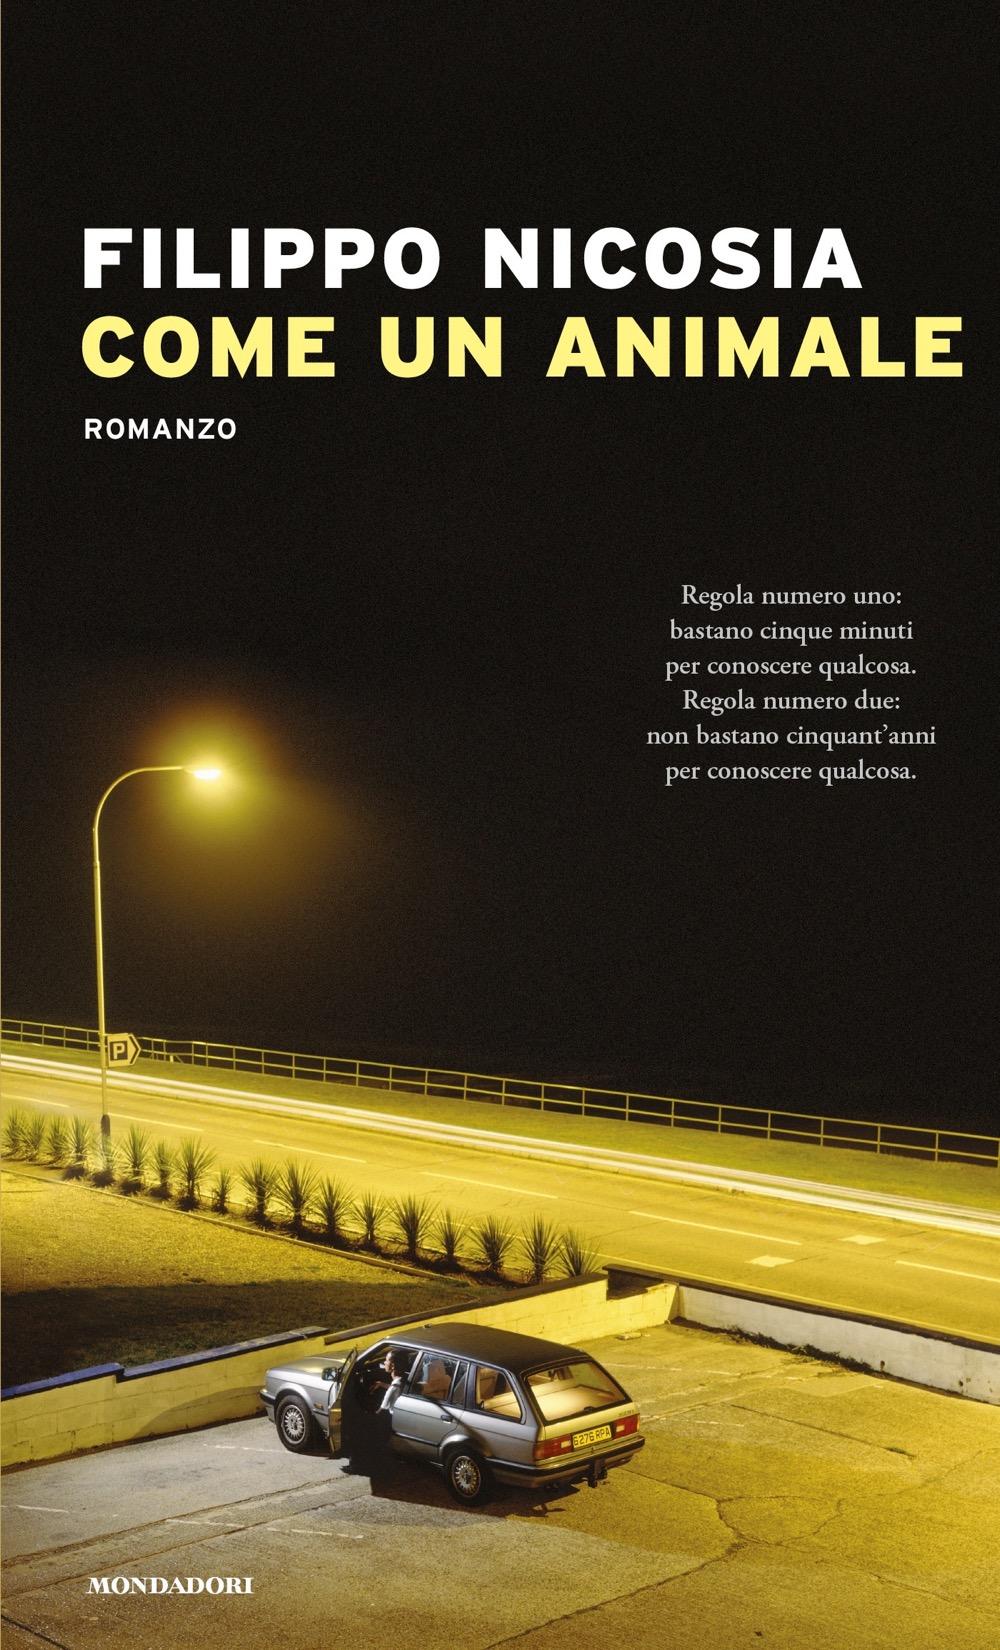 Come un animale – Filippo Nicosia